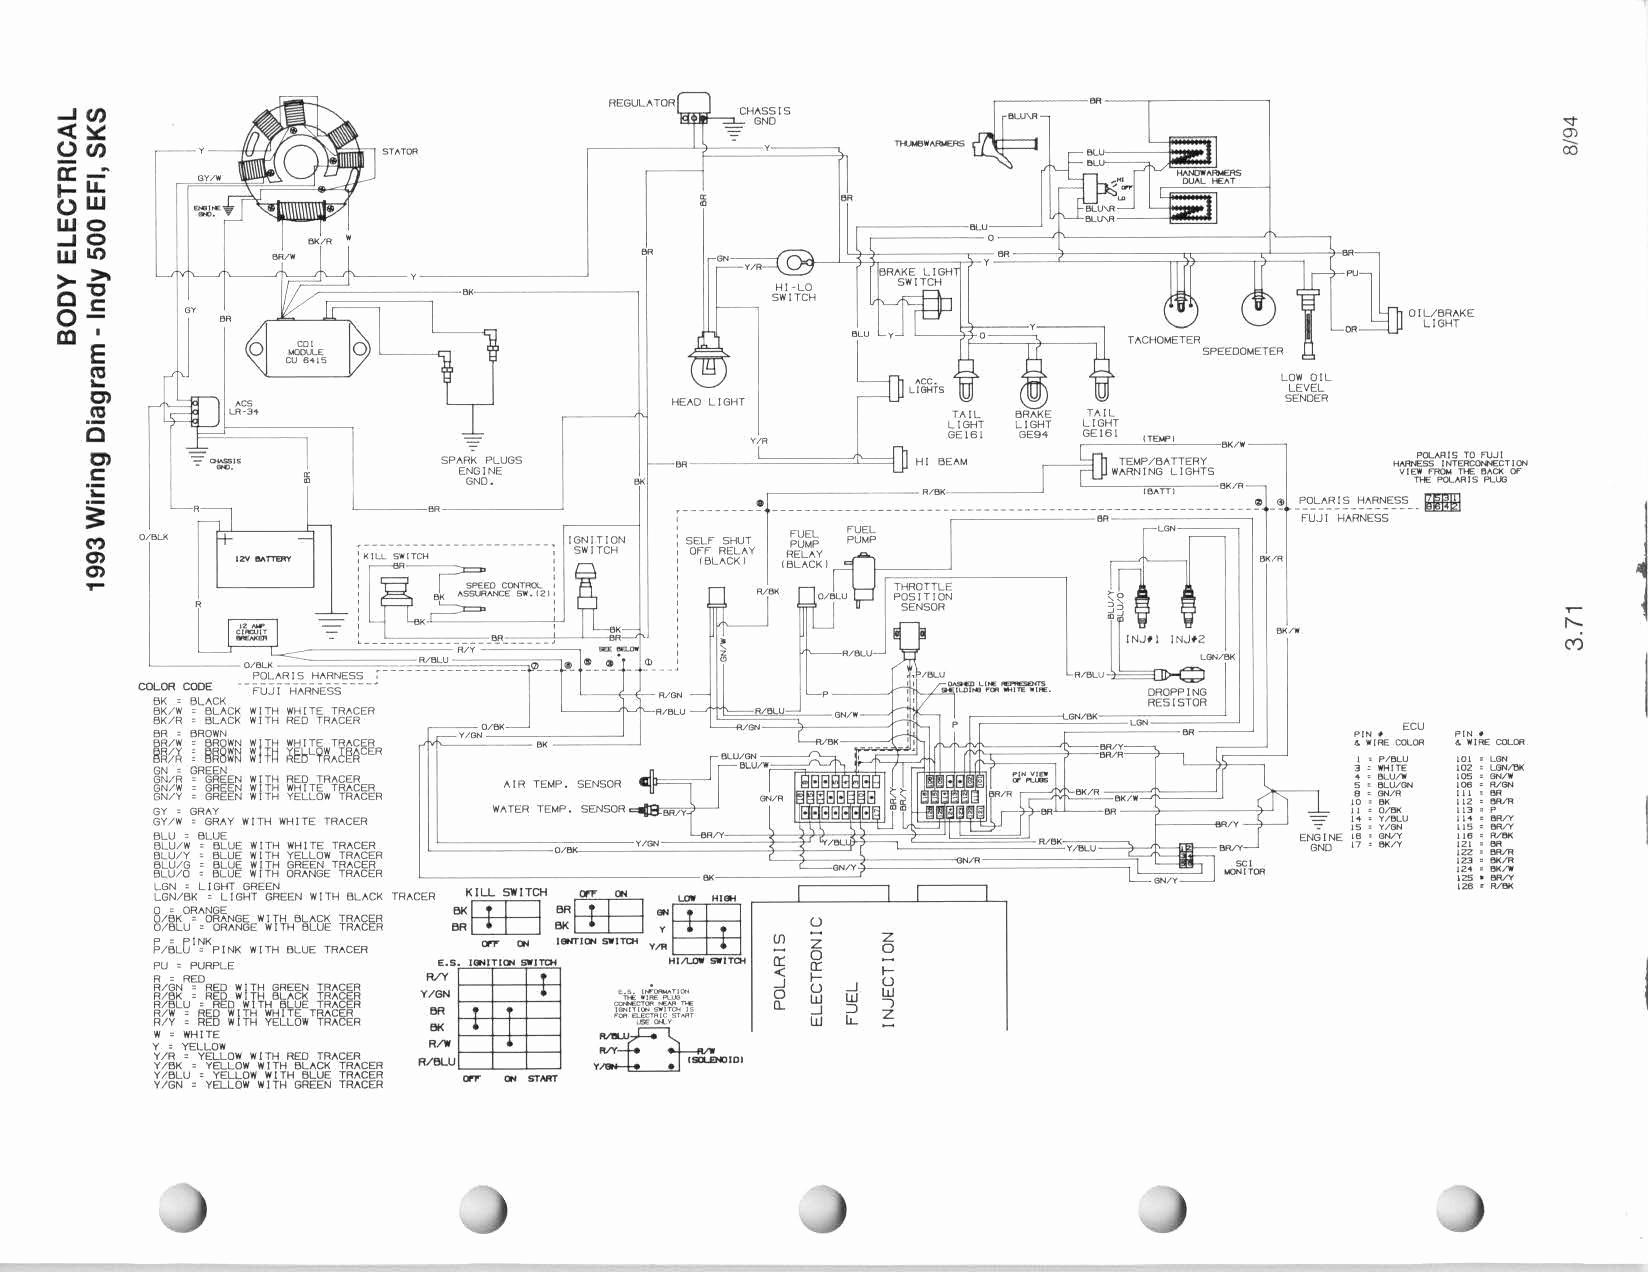 polaris 600 wiring diagram wiring diagram article 2004 Polaris Sportsman 500 Wiring Diagram